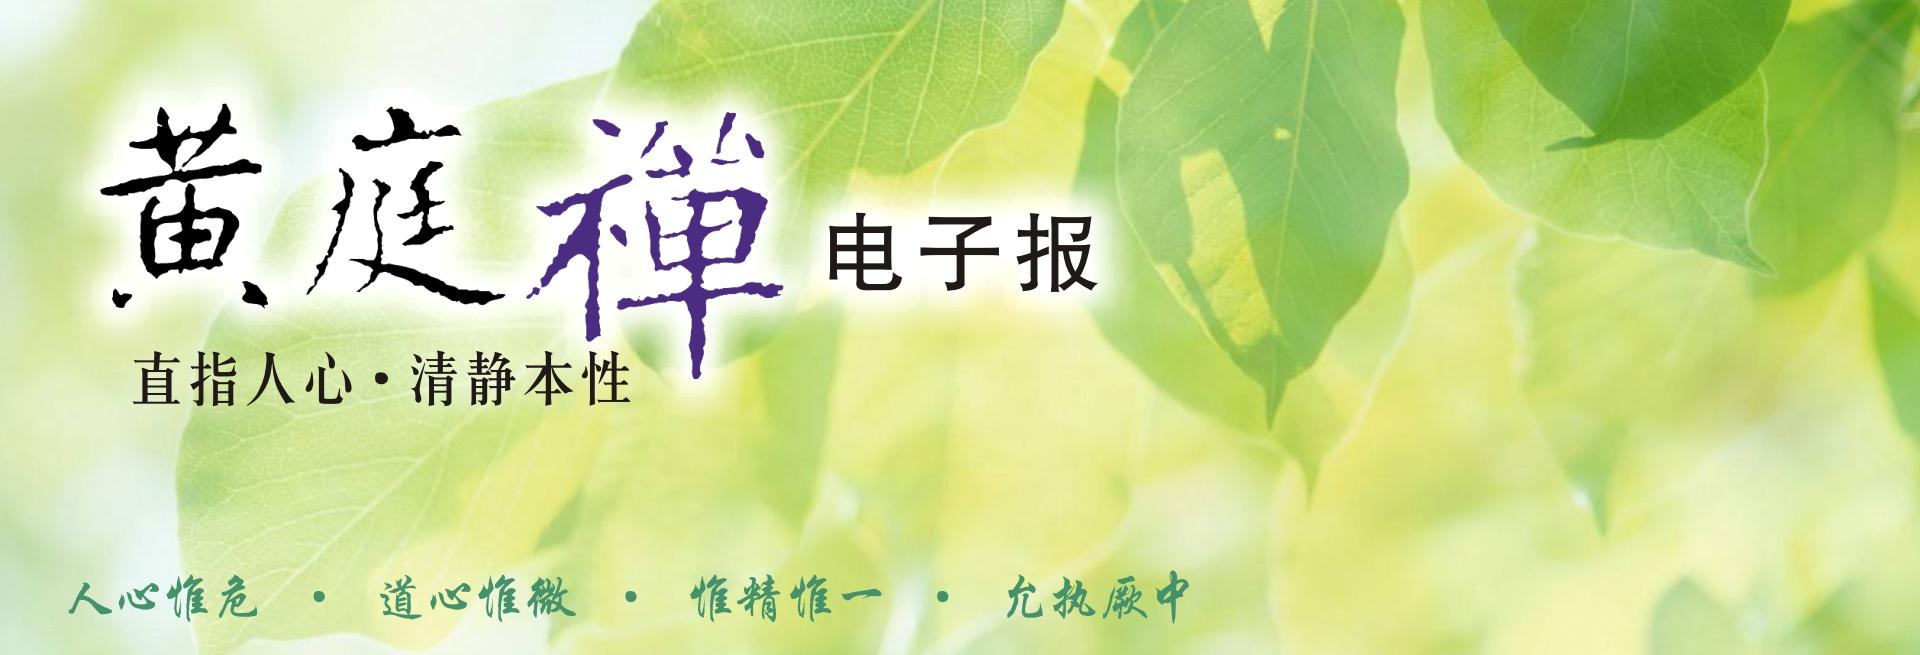 中華黃庭禪學會2019.04.11電子報